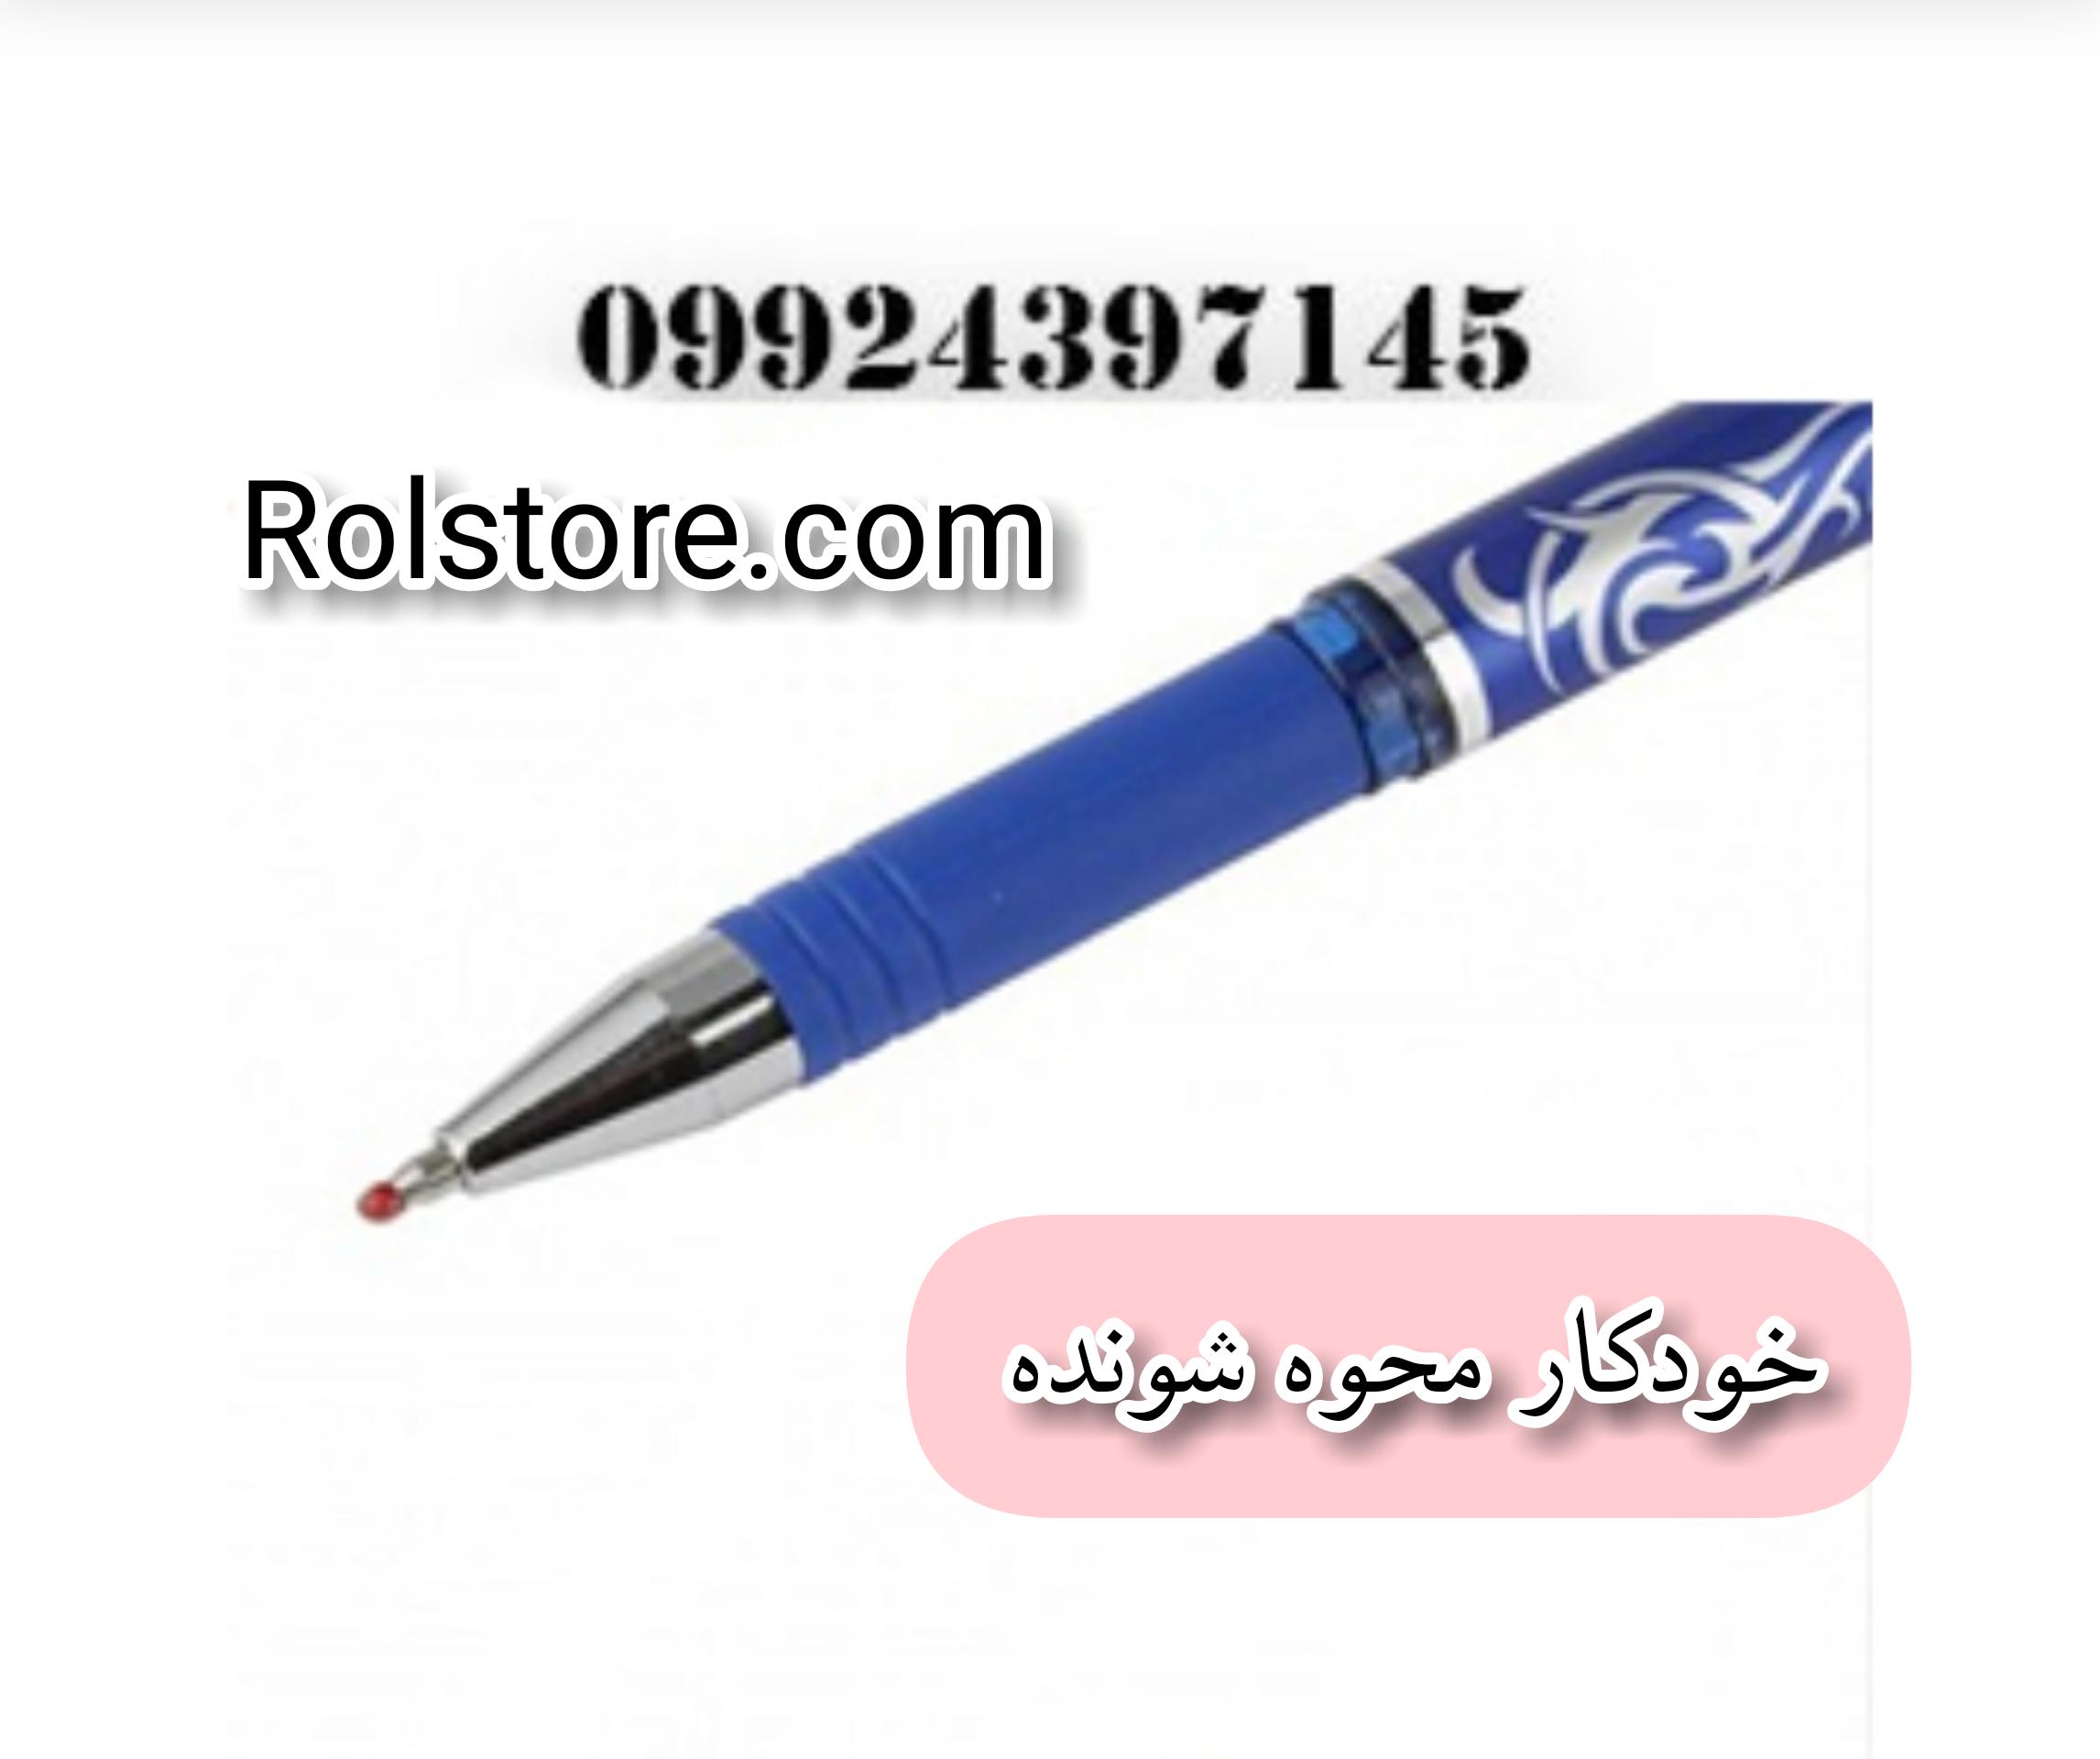 خودکار محو شونده/۰۹۹۲۴۳۹۷۱۴۵/خودکار آبی محو شونده با حرارت